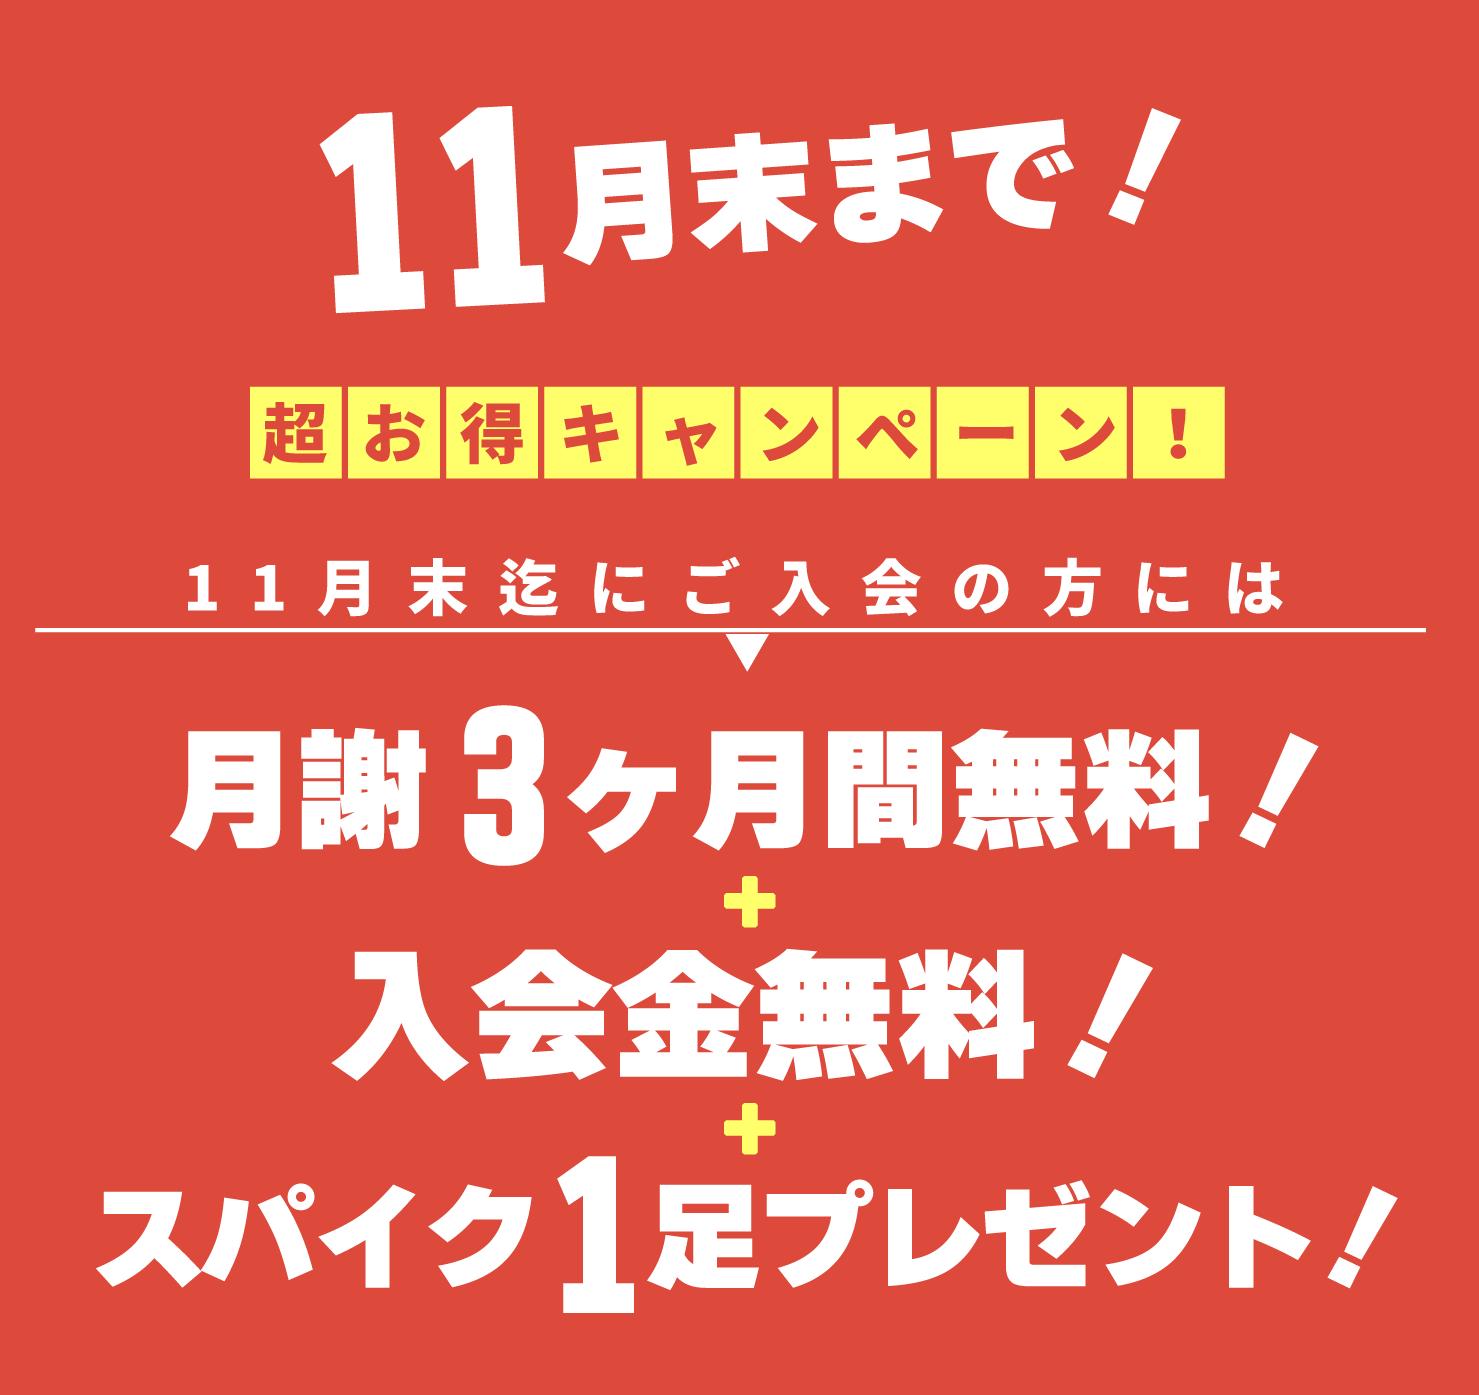 レガッテサッカースクール11月末まで超お得キャンペーン!!